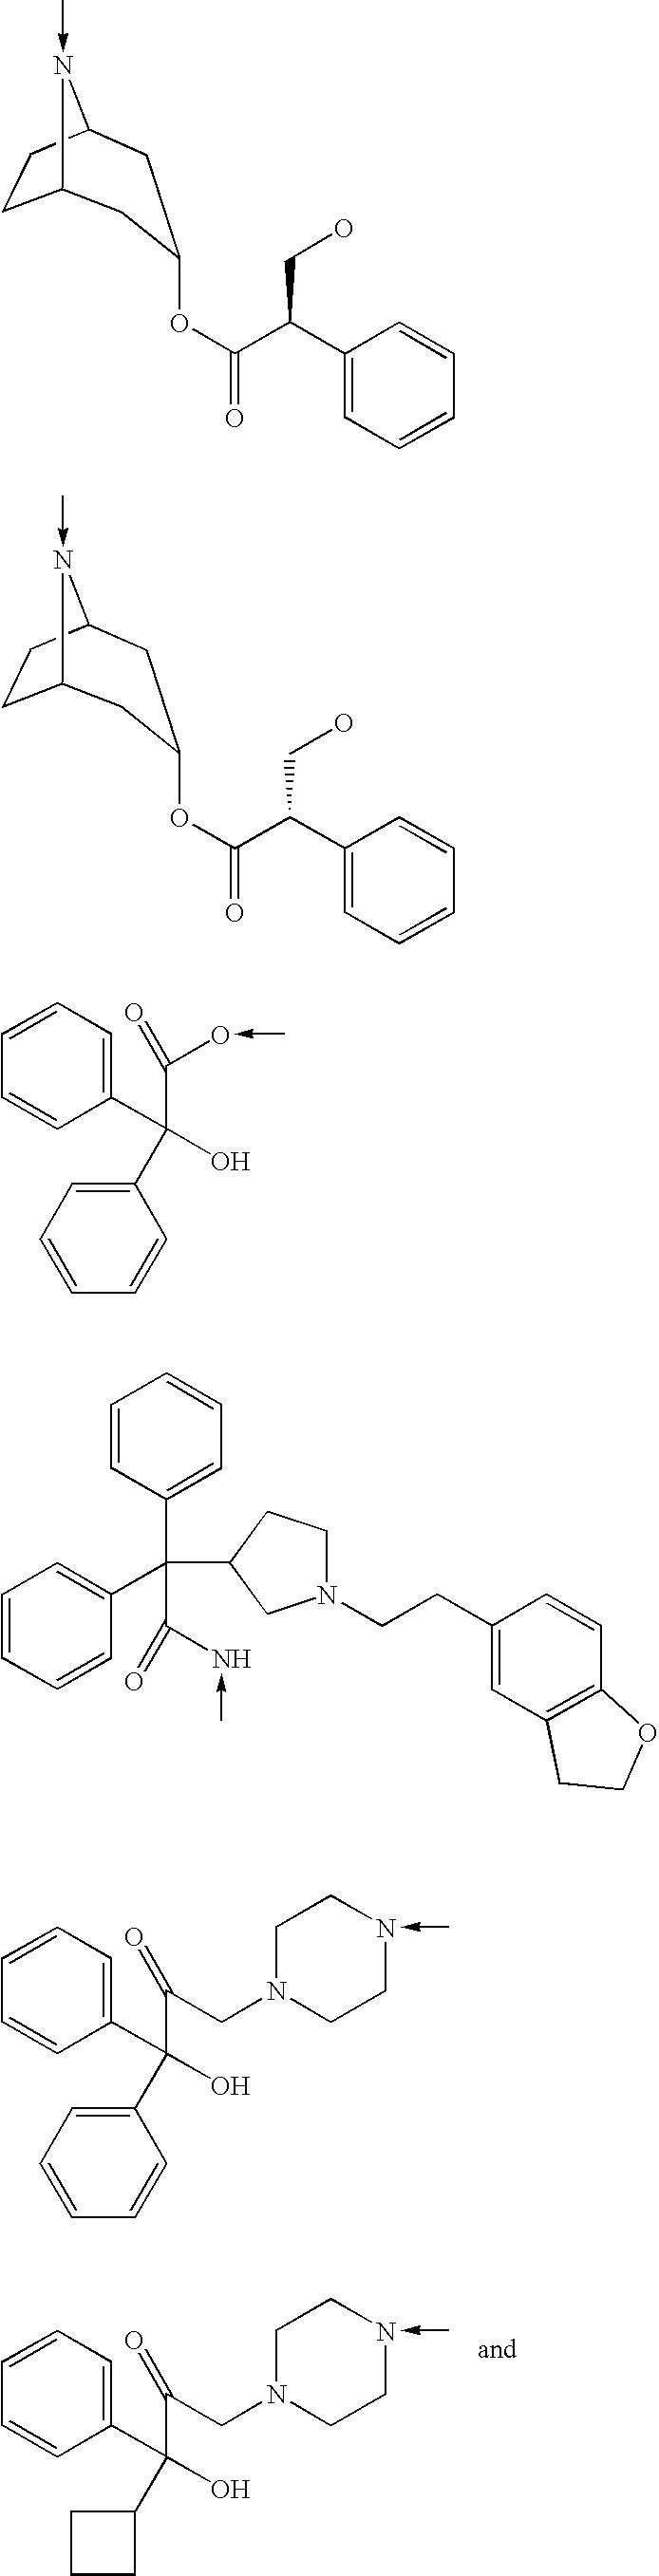 Figure US06693202-20040217-C00041